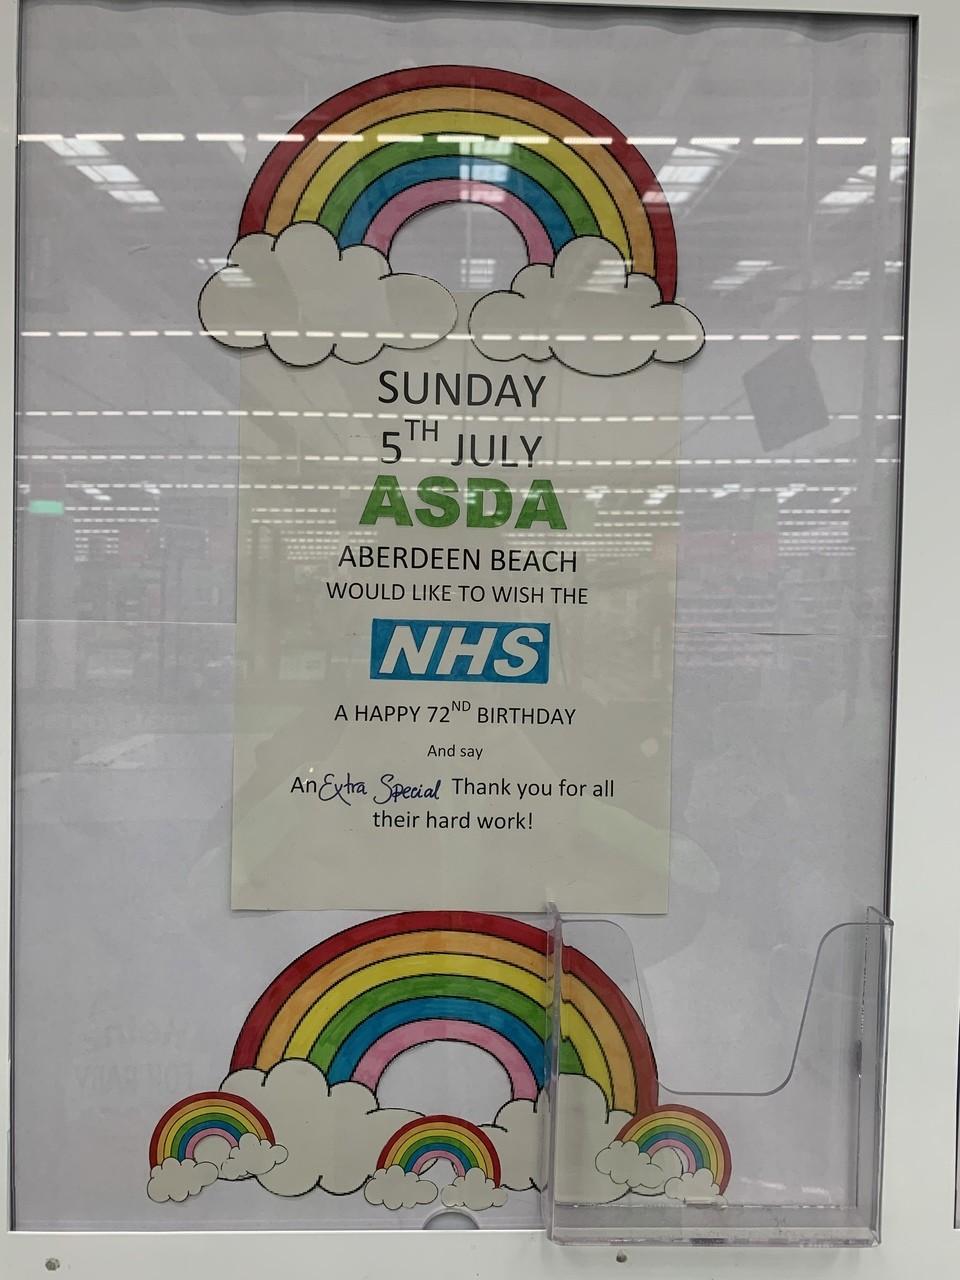 Happy birthday NHS | Asda Aberdeen Beach